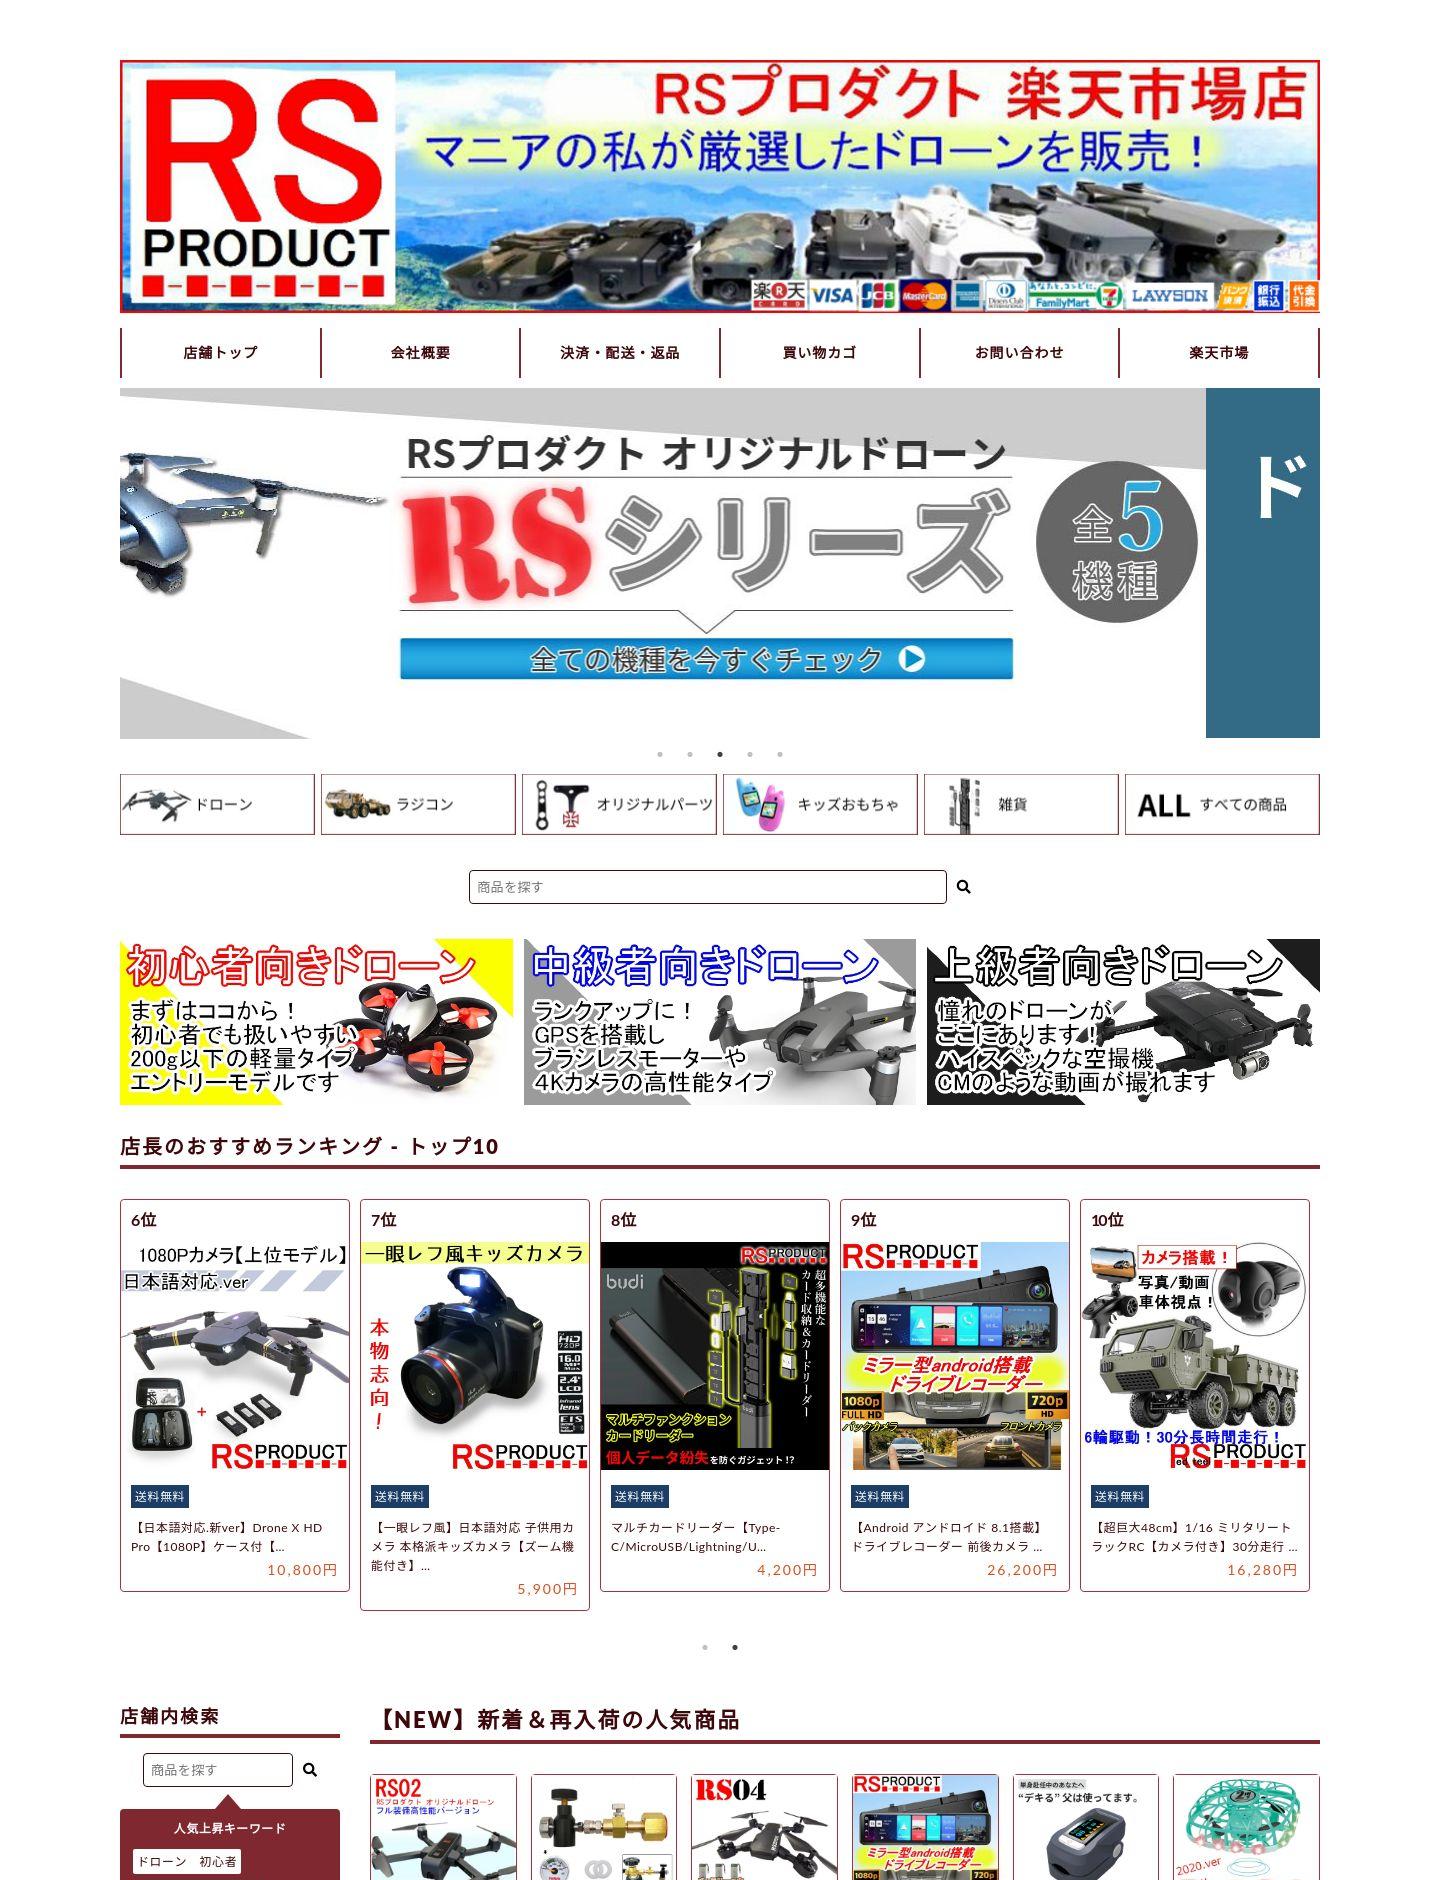 RSプロダクト 楽天市場店様 サイト画像